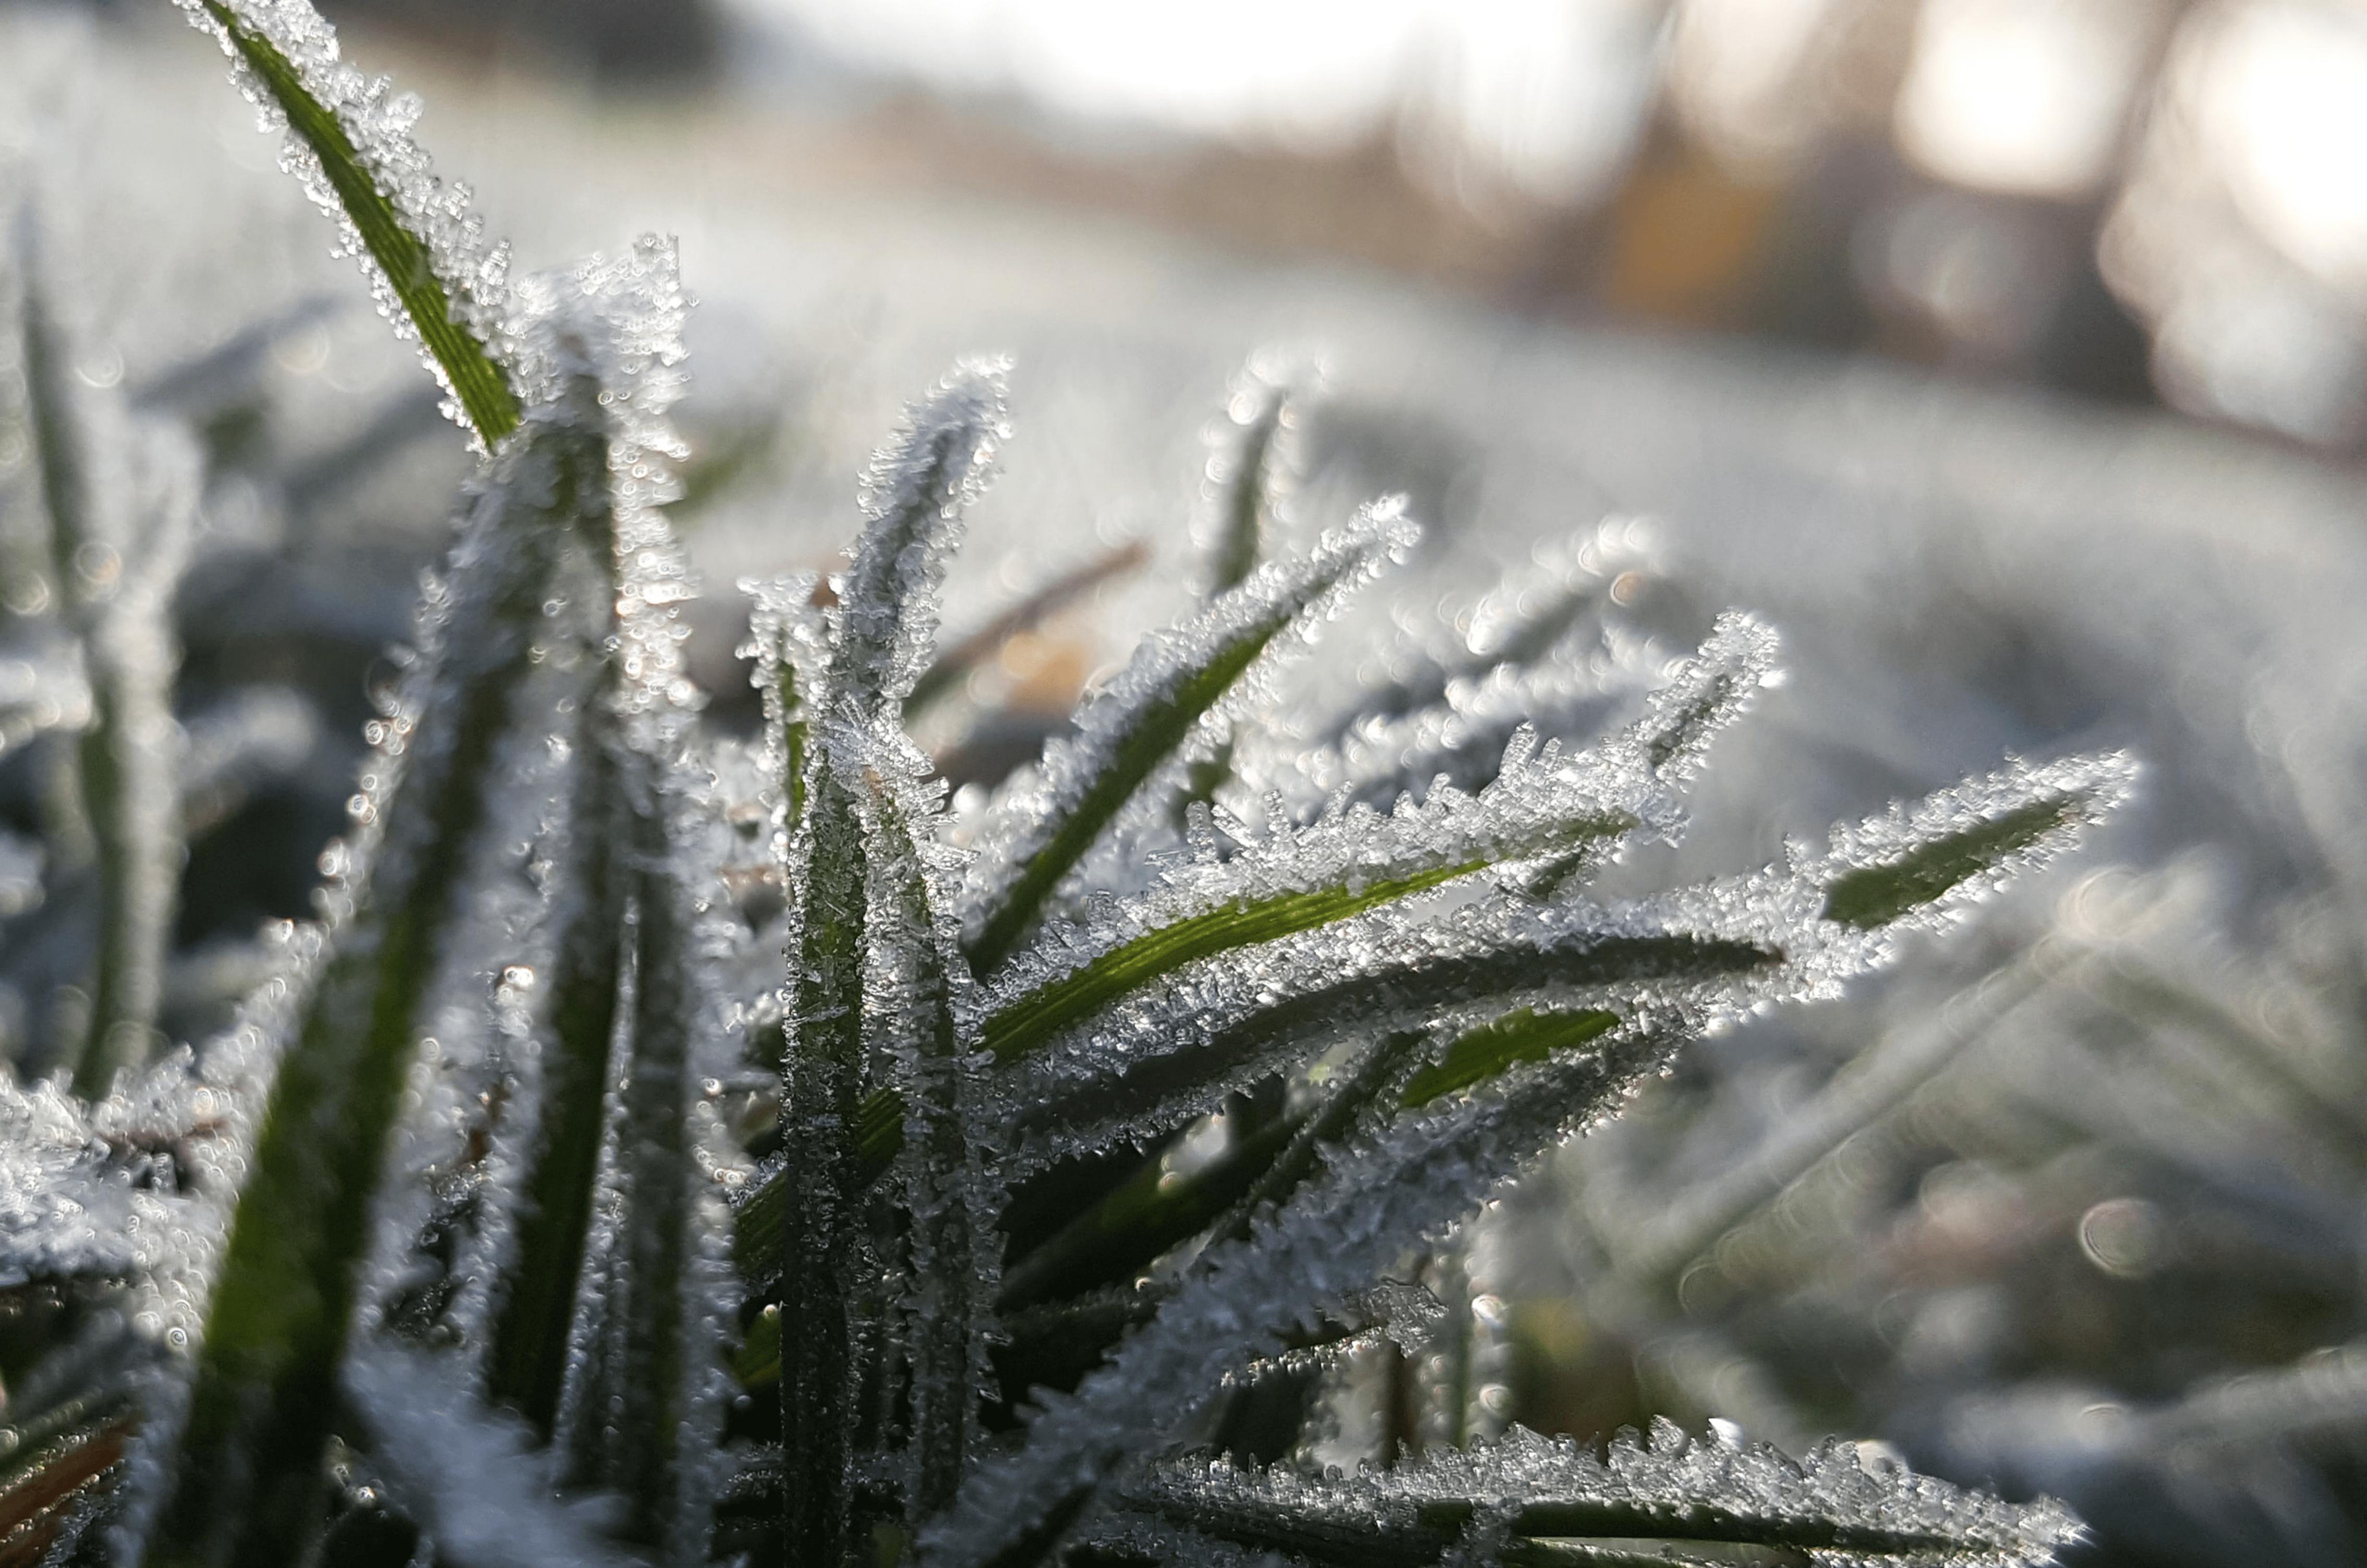 Quel entretien pour la pelouse avant l'hiver ?